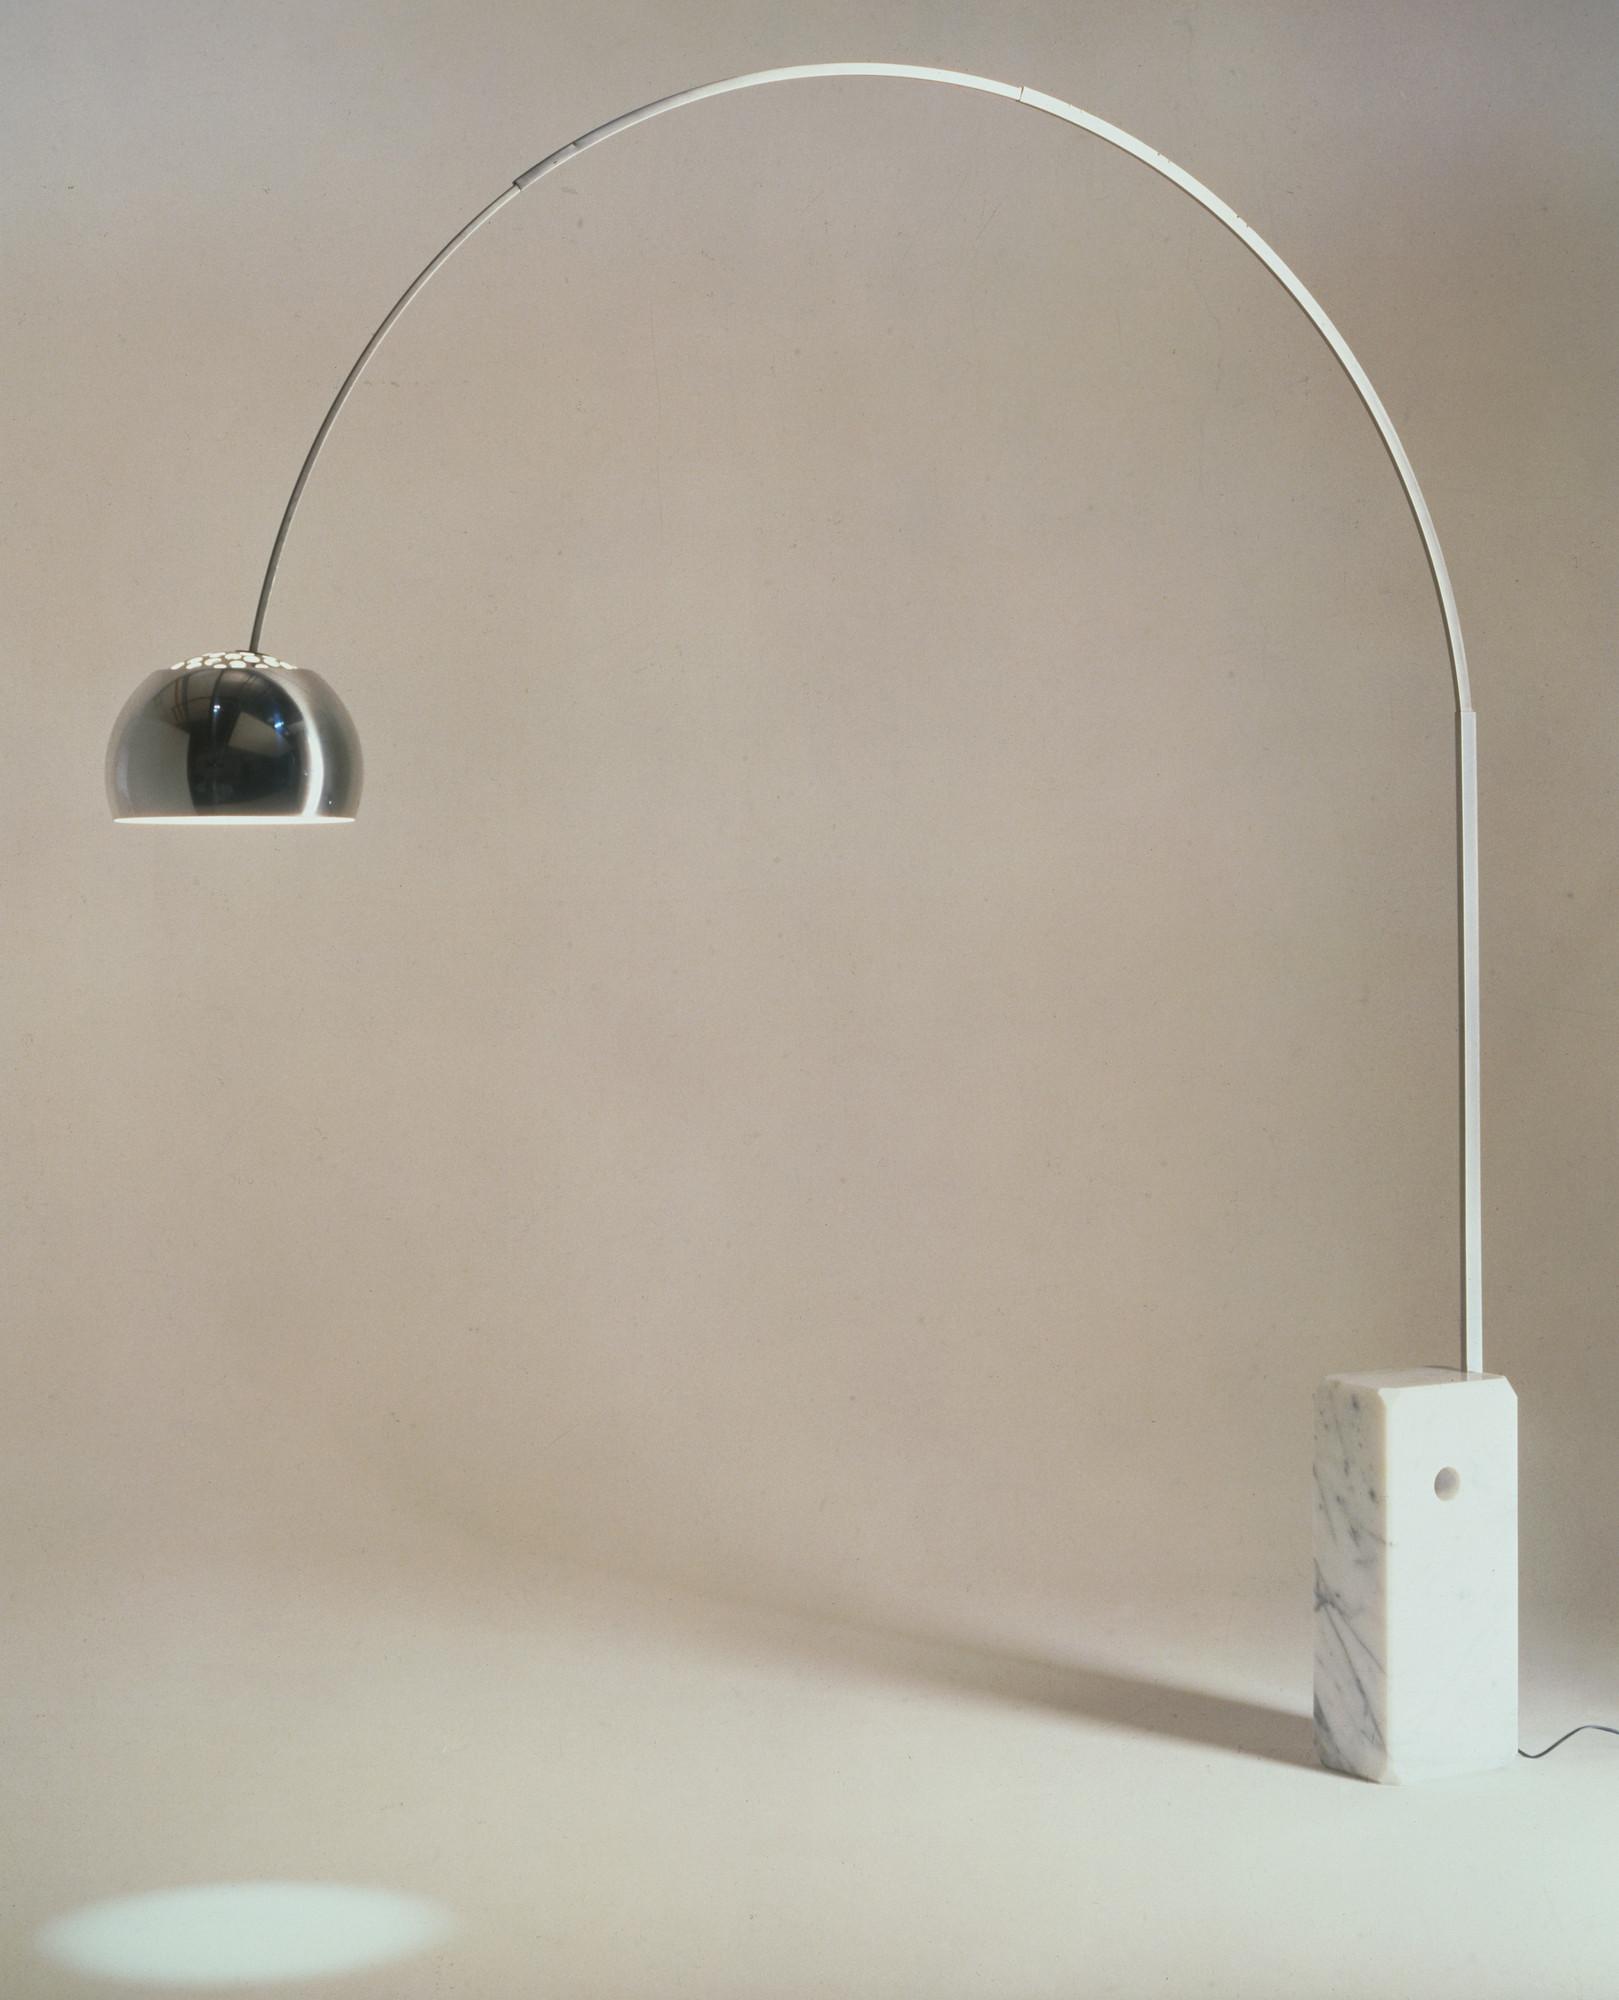 Achille castiglioni pier giacomo castiglioni arco floor lamp 1962 achille castiglioni pier giacomo castiglioni arco floor lamp 1962 aloadofball Gallery